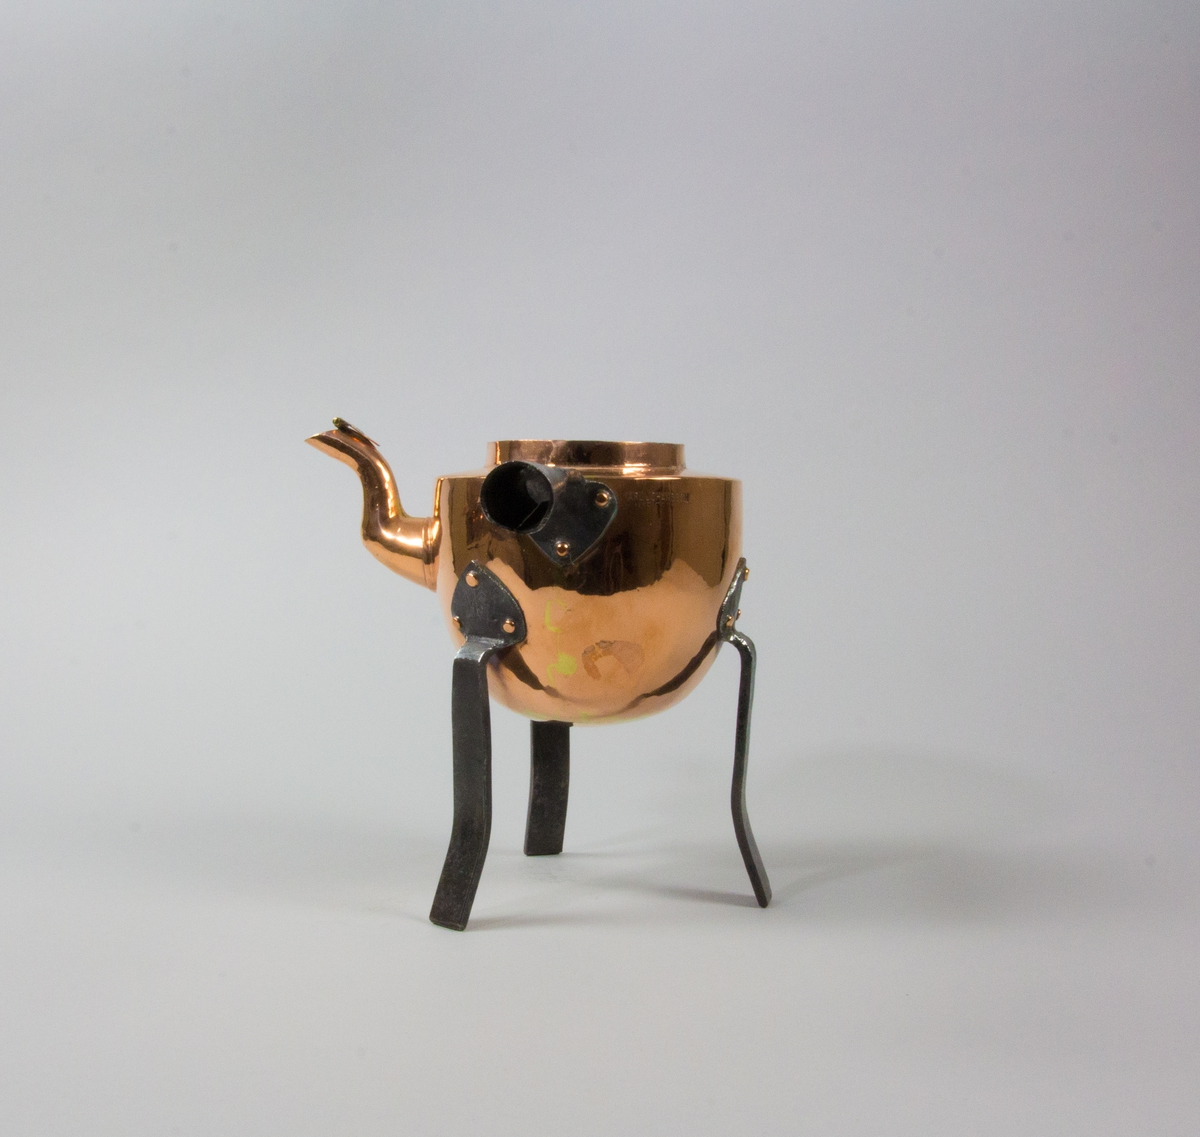 Kaffepanna tillverkad av koppar. Svängd pip med lövformat lock. Förtent insida. Handtag av järn, bockat för en förlängning av trä. Tre svagt svängda ben av järn med hjärtformade fästen nitade mot pannan. Med stämplar.